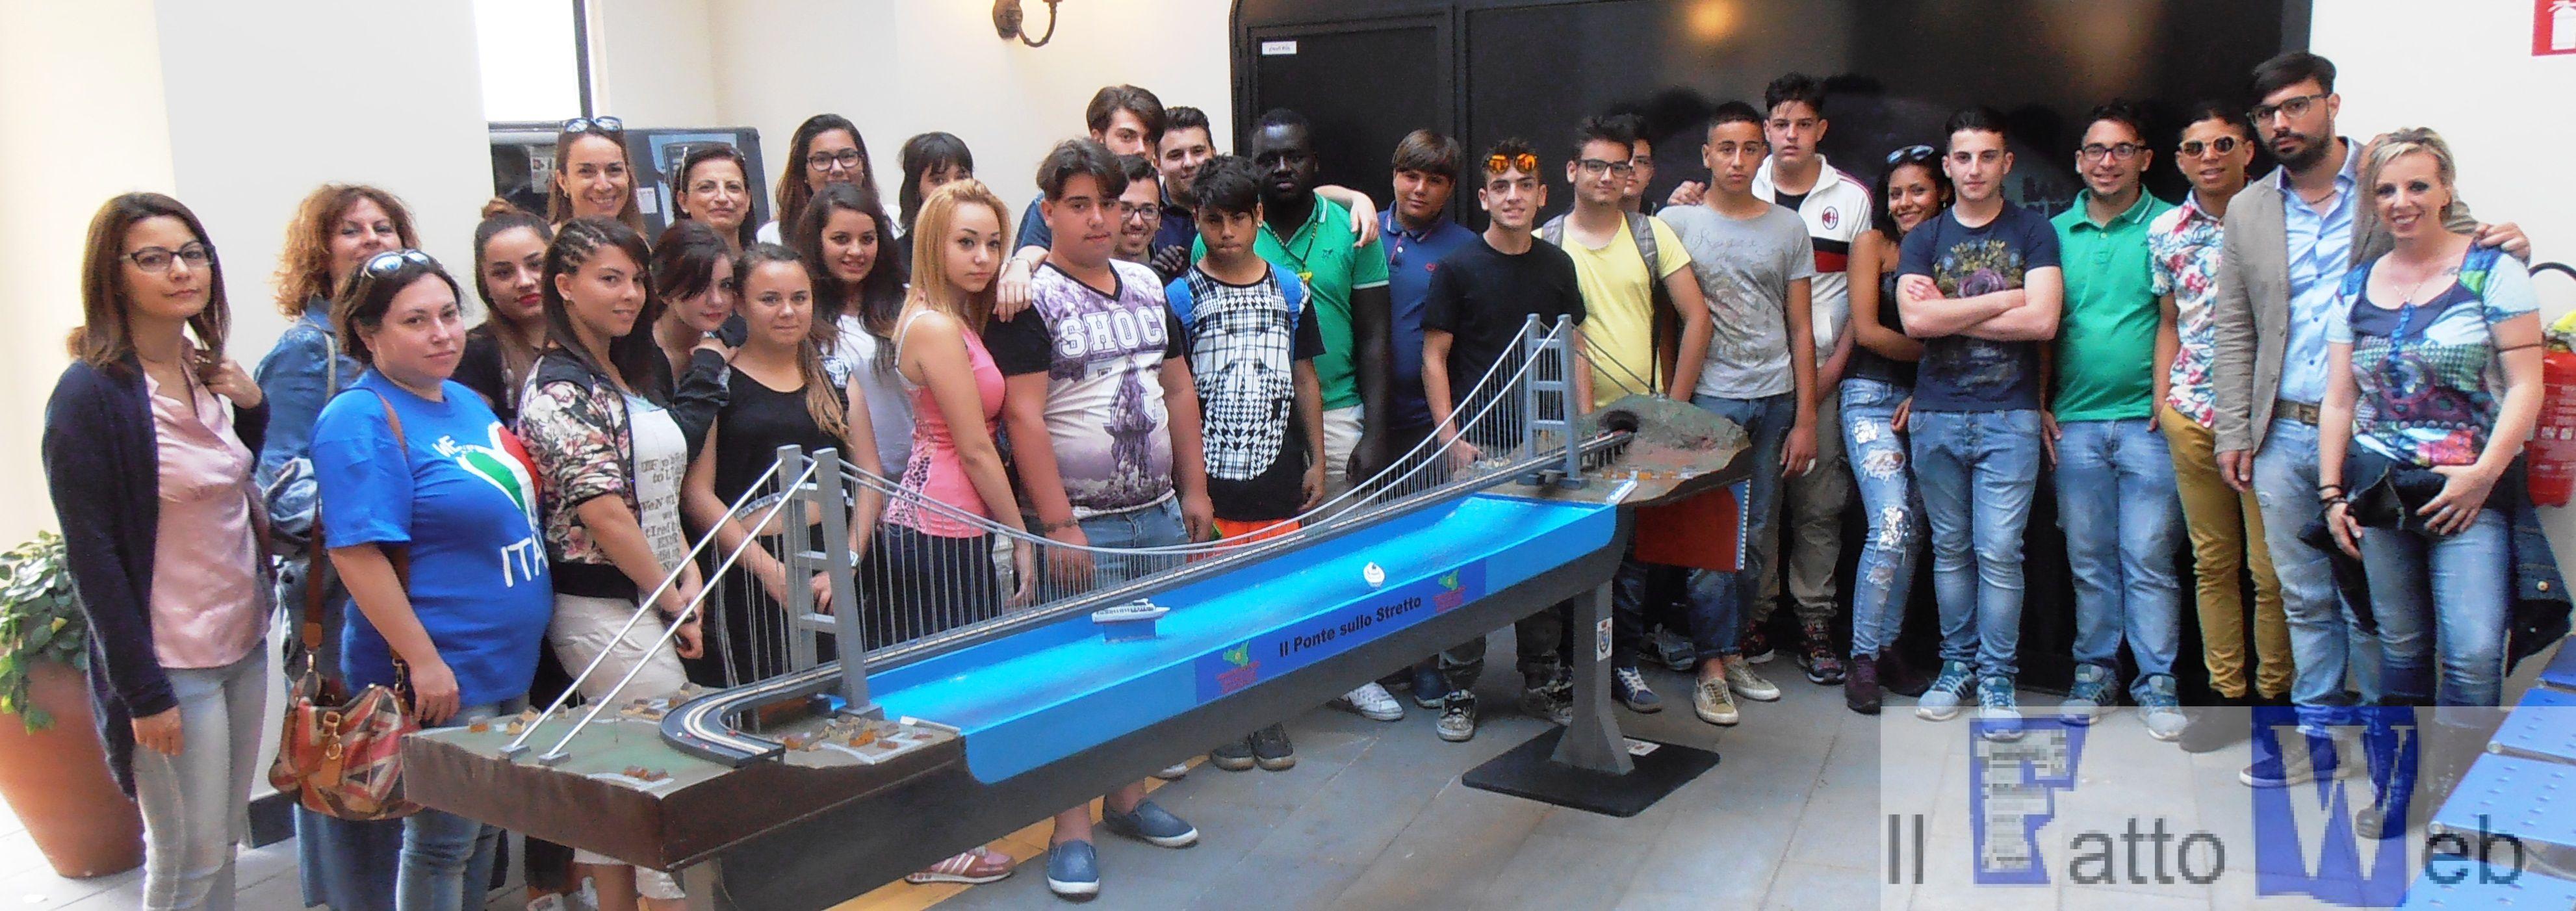 Studenti dell'Eris di Catania in visita al Polo Tattile Multimediale Borges della Stamperia Regionale Braille